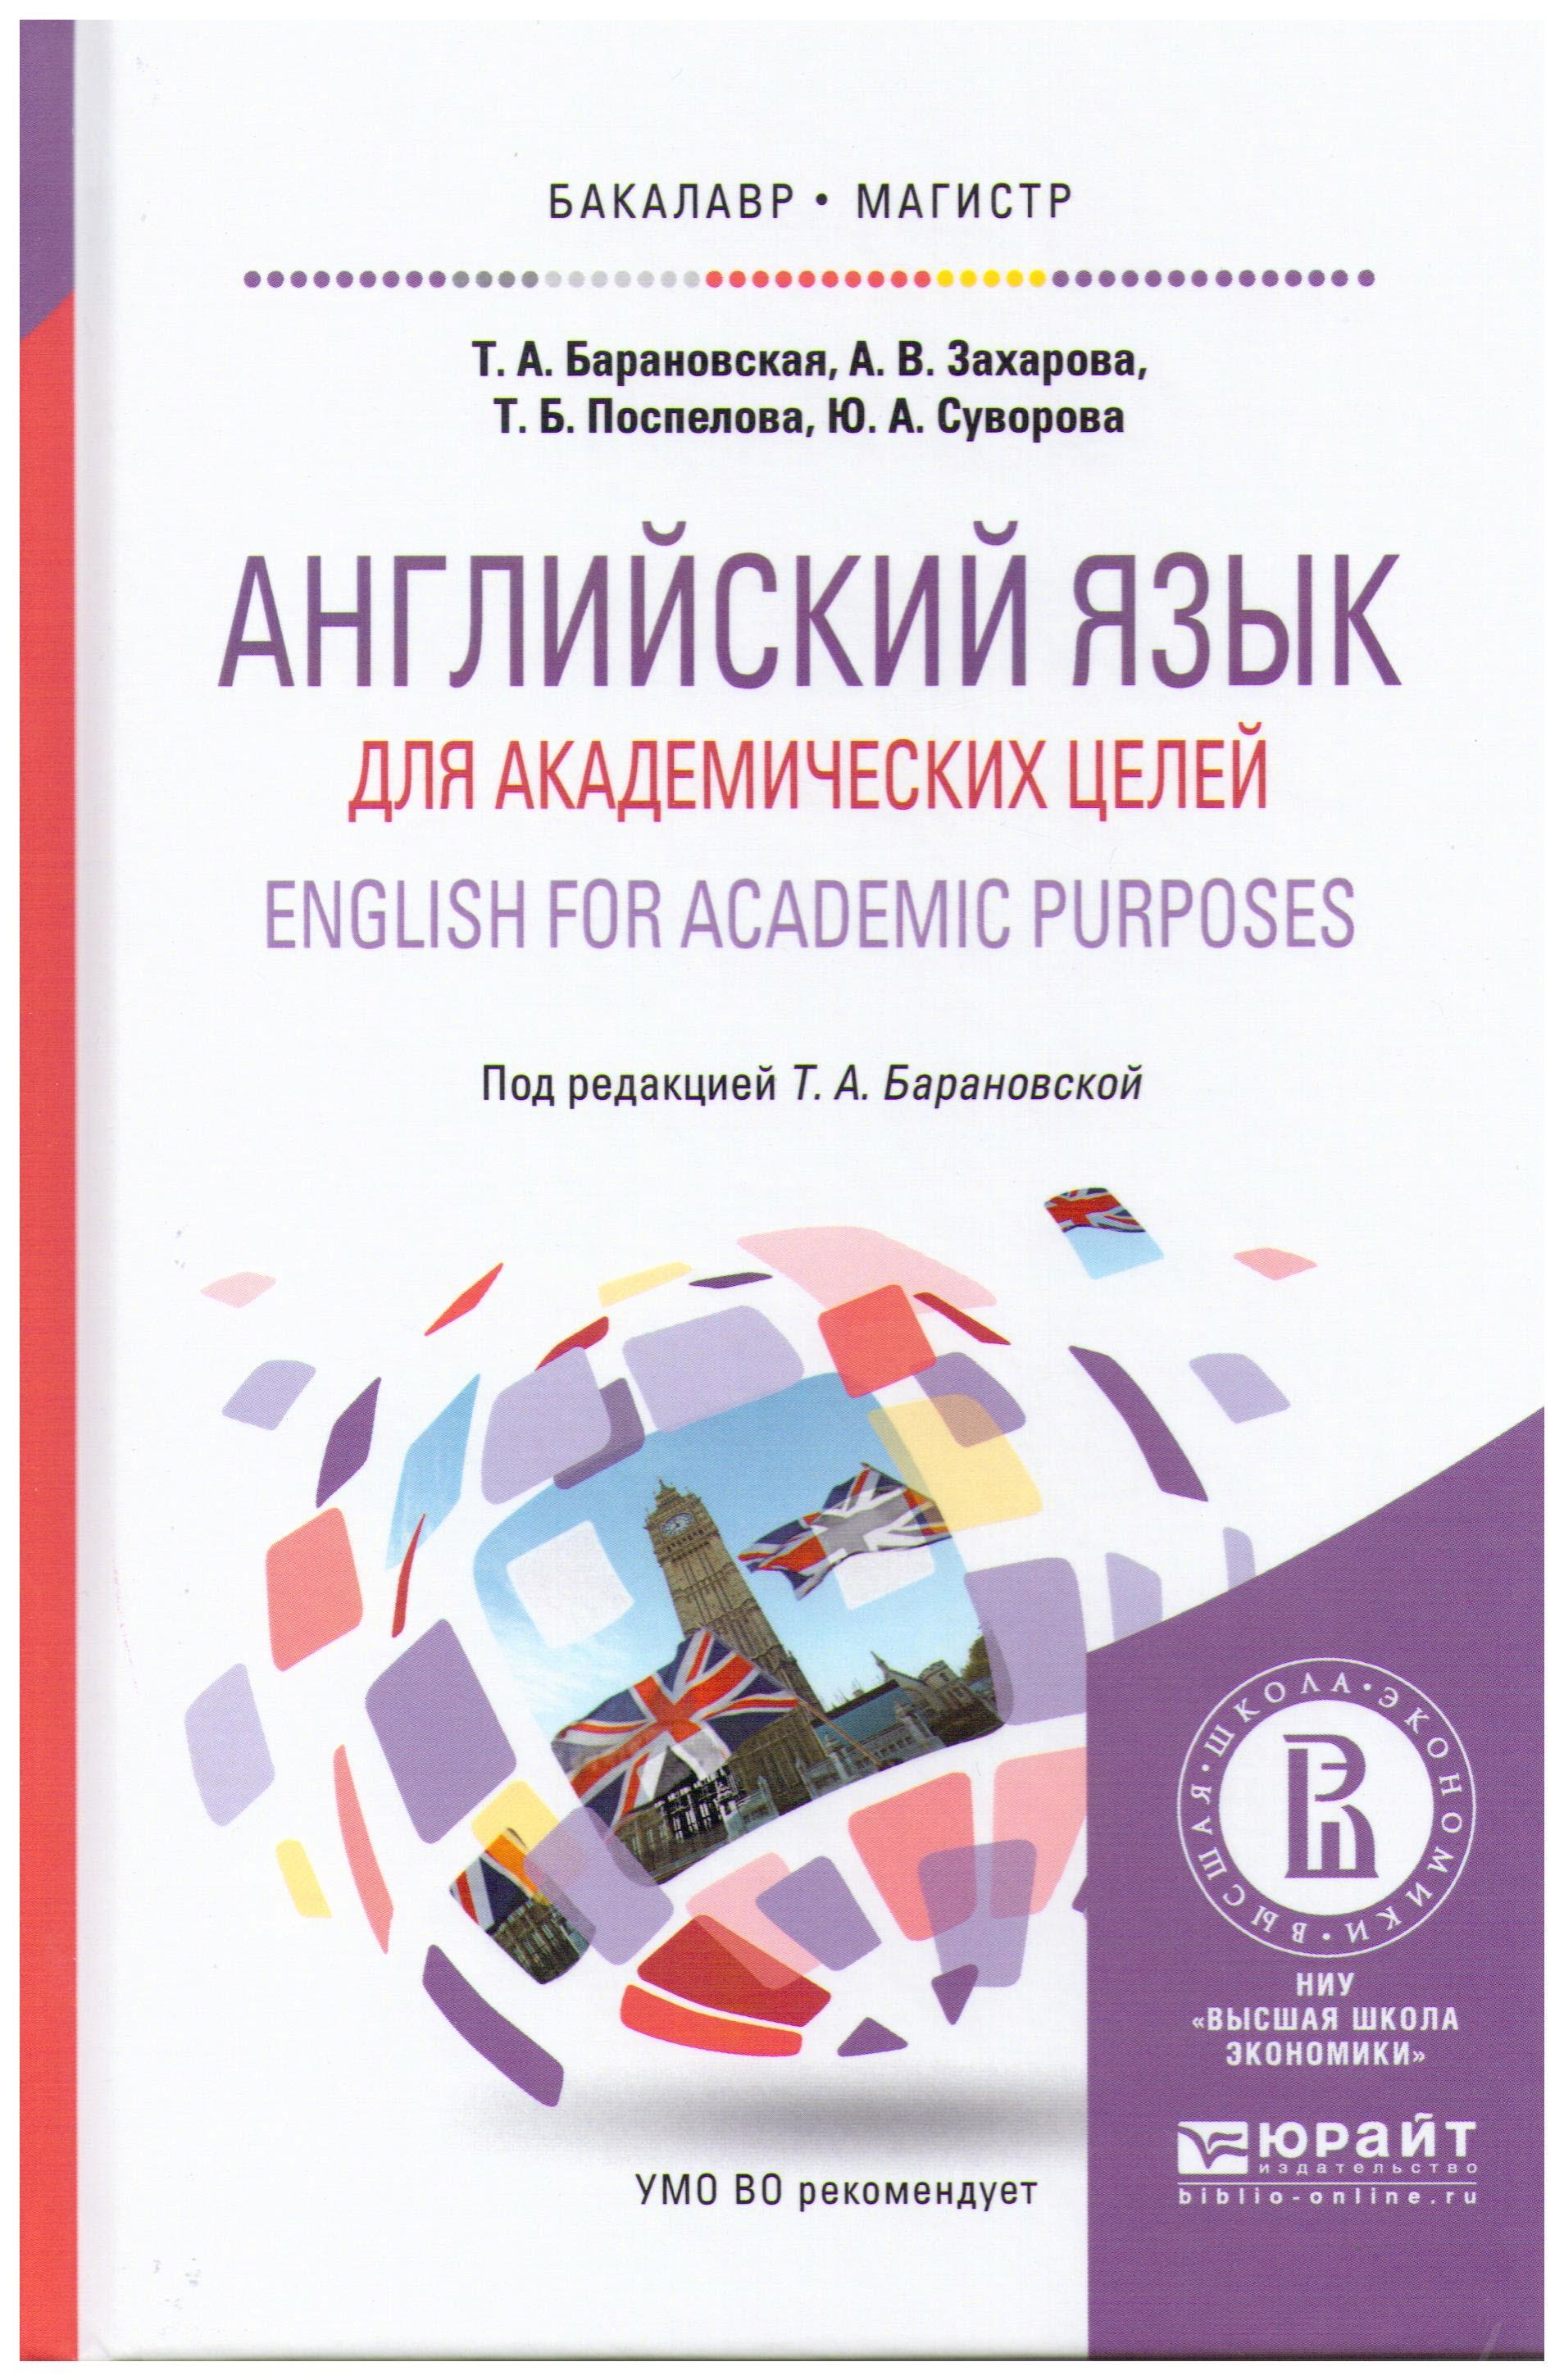 АНГЛИЙСКИЙ ЯЗЫК ДЛЯ АКАДЕМИЧЕСКИХ ЦЕЛЕЙ. ENGLISH FOR ACADEMIC PURPOSES